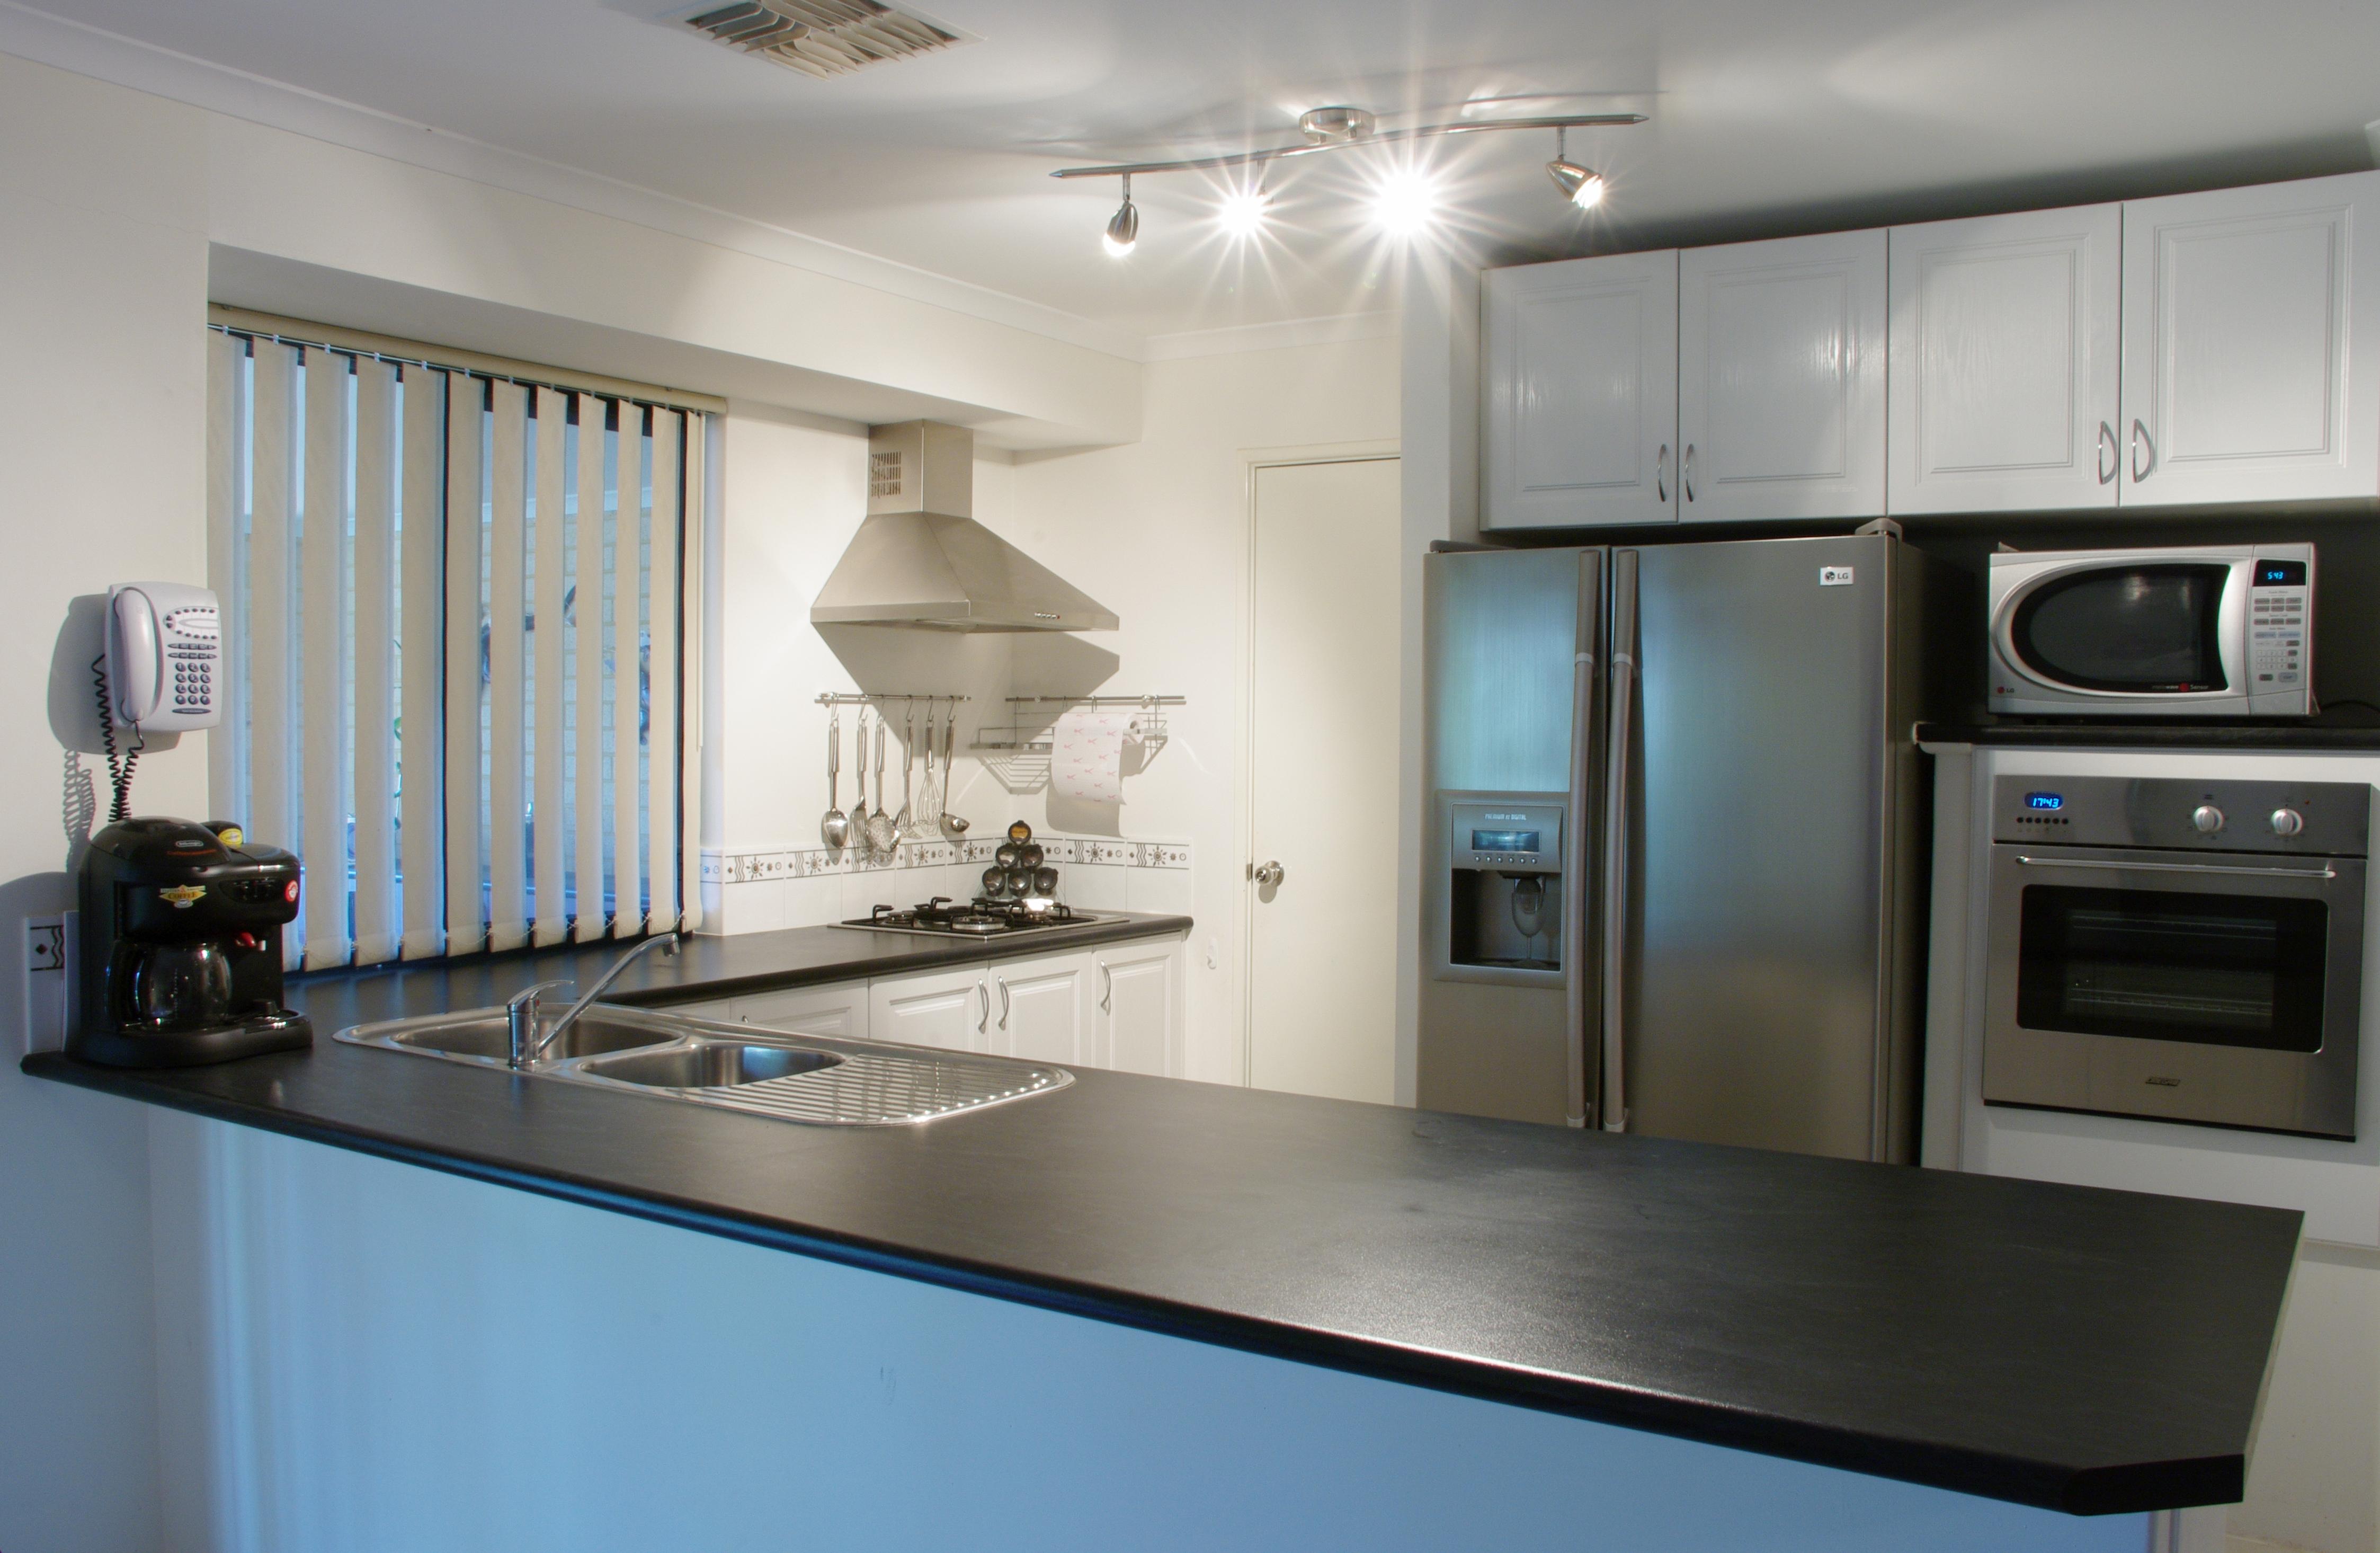 Small kitchen appliances Photo - 8